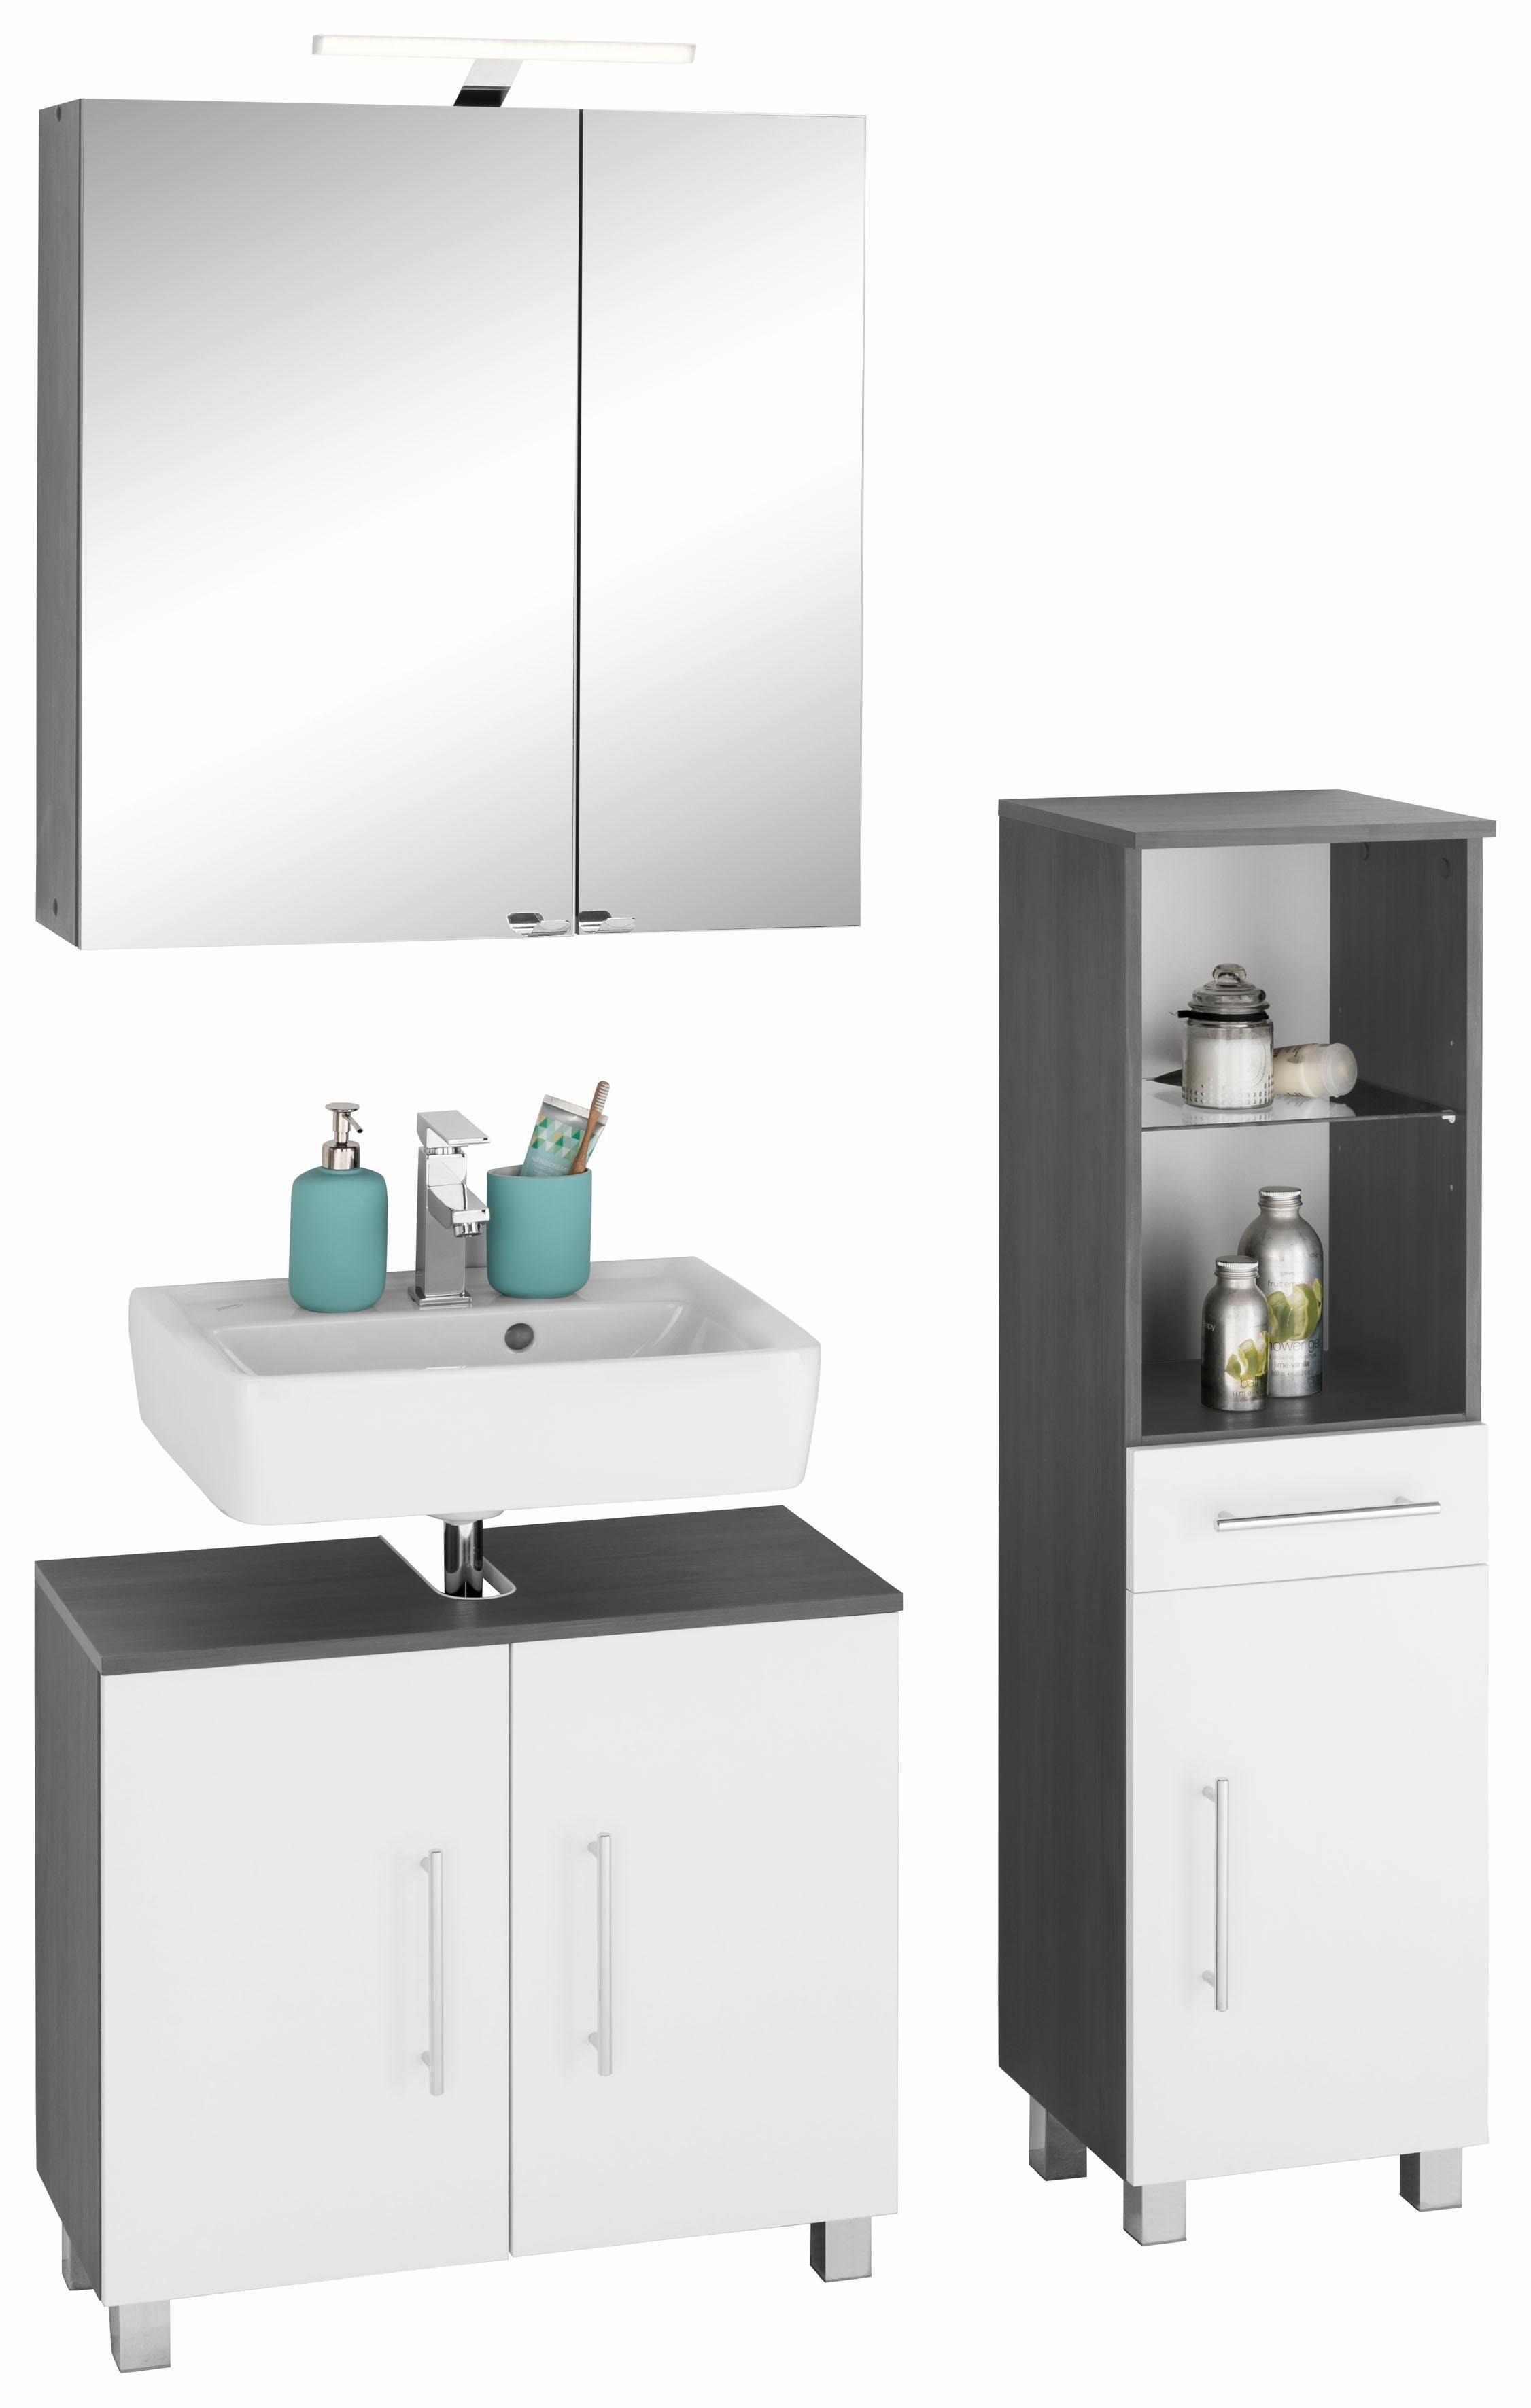 30 sparen kesper badm bel set mainz nur 279 99. Black Bedroom Furniture Sets. Home Design Ideas